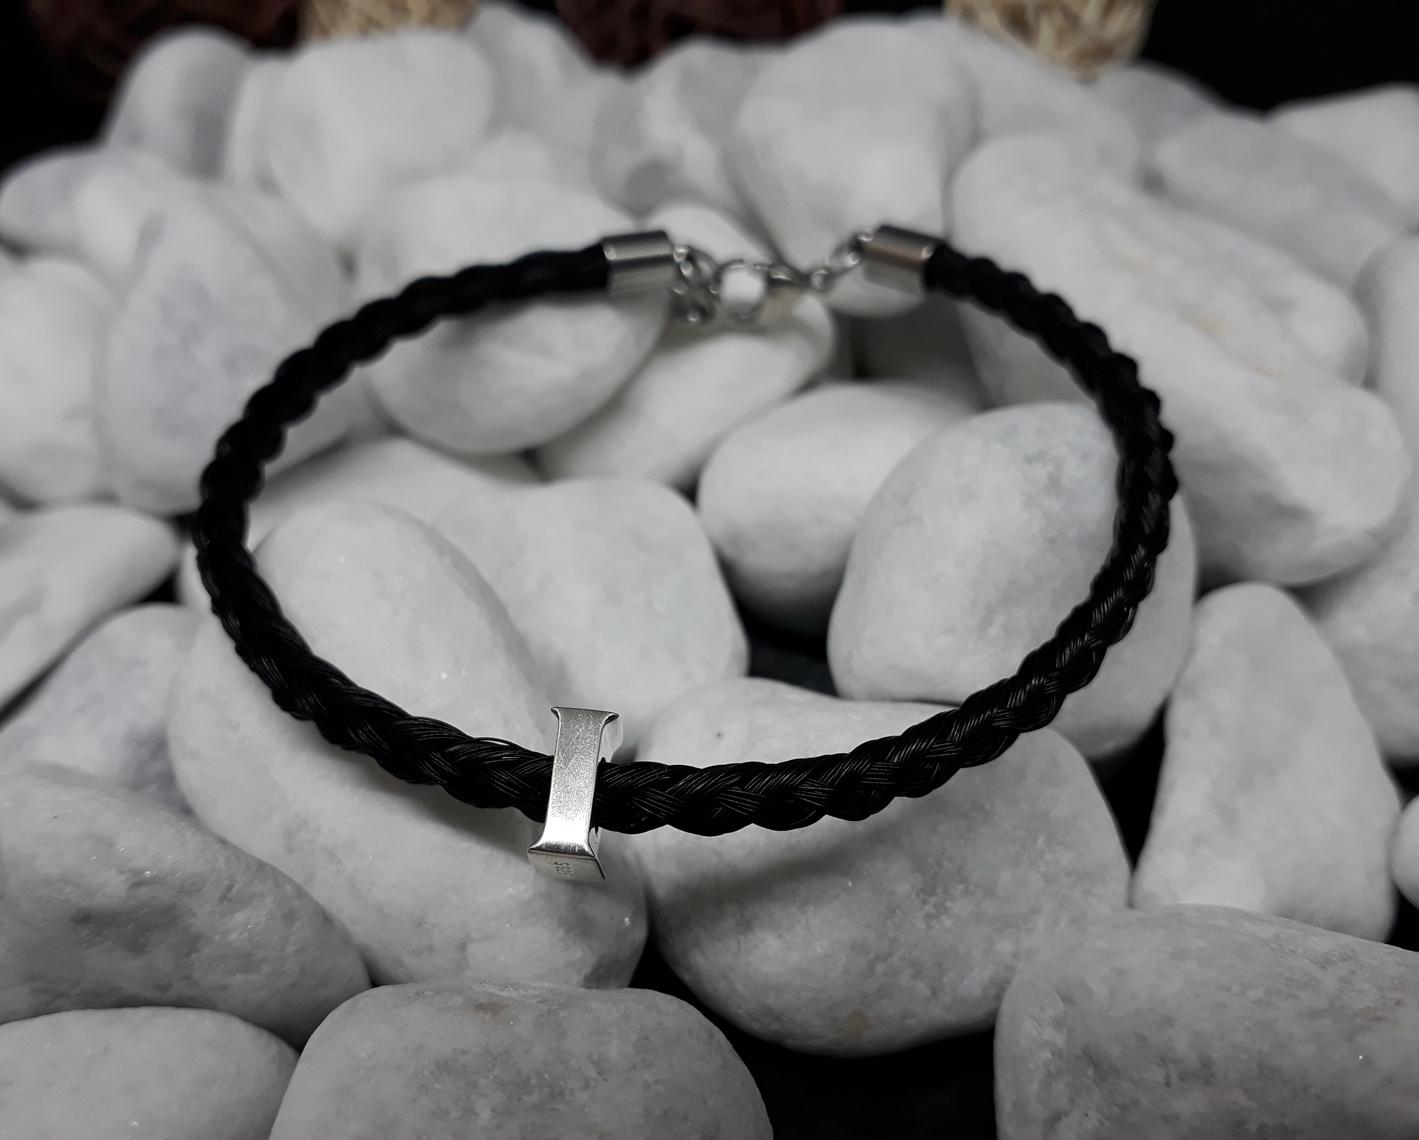 R6-Buchstabe: Rund geflochtenes Armband aus 6 schwarzen Strängen, mit Buchstaben-Perle aus 925er Silber, mit Edelstahl-Karabinerverschluss - Preis: 69 Euro